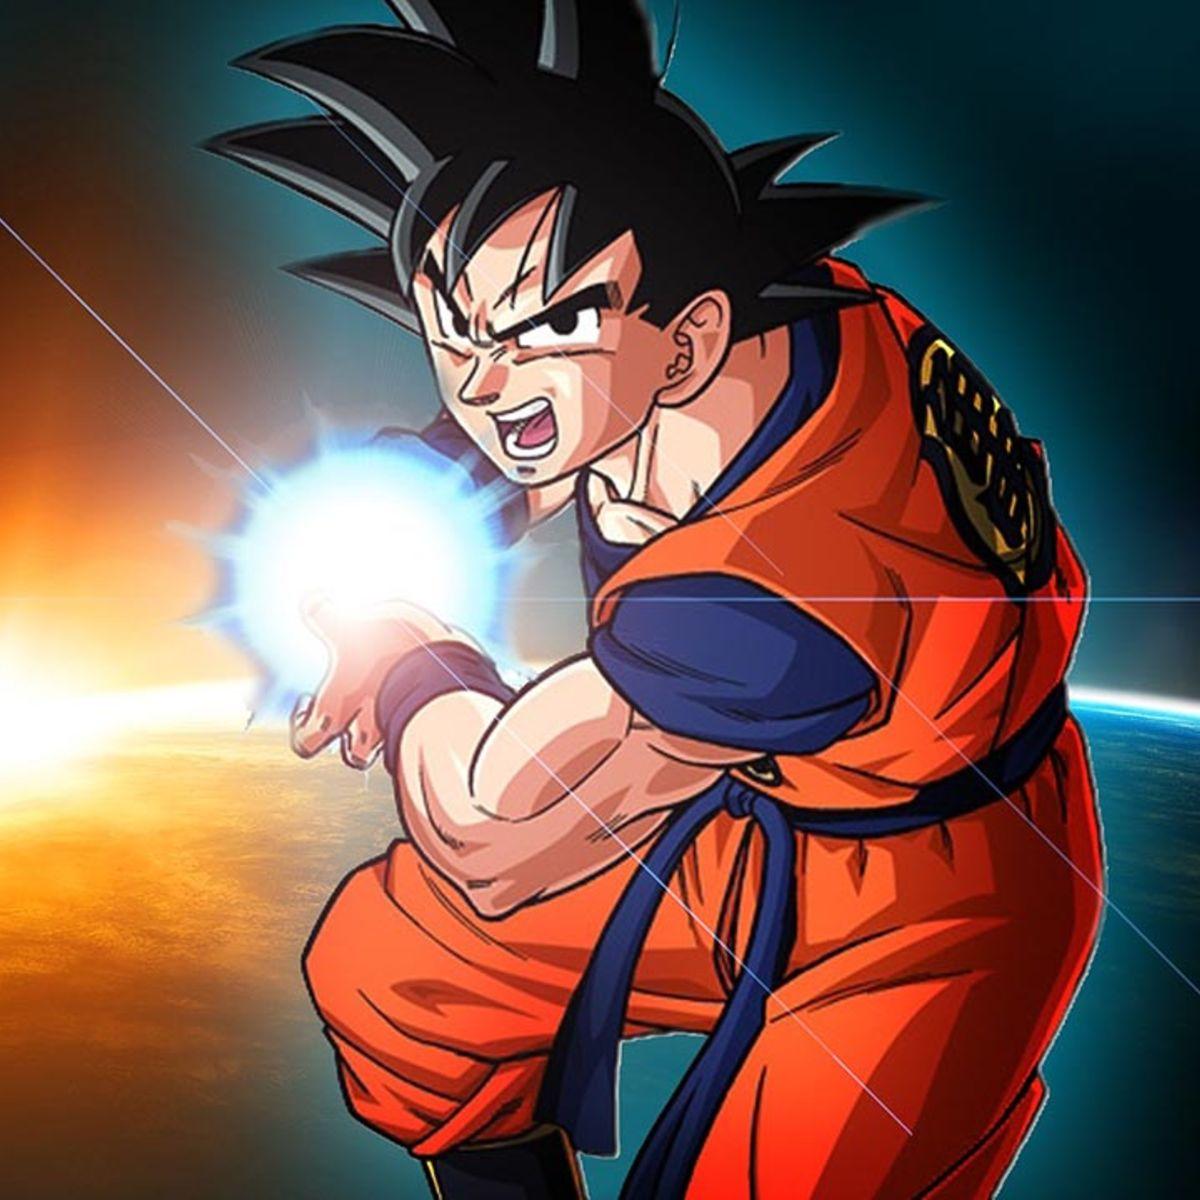 dragon_ball_z_hero_01.jpg